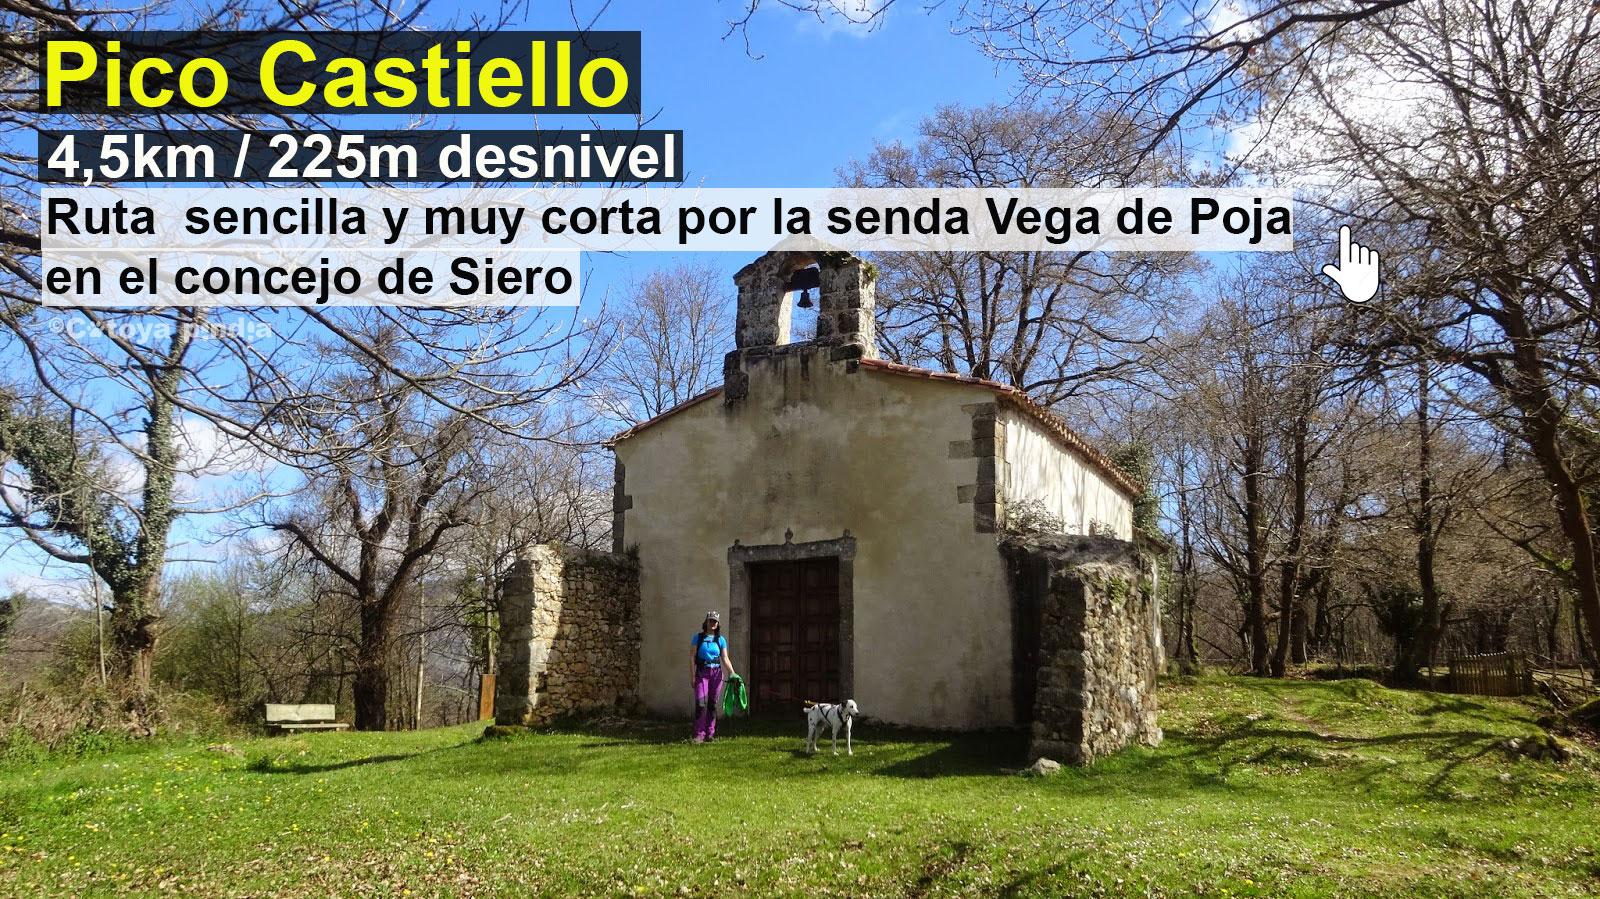 Ruta al Pico Castiello